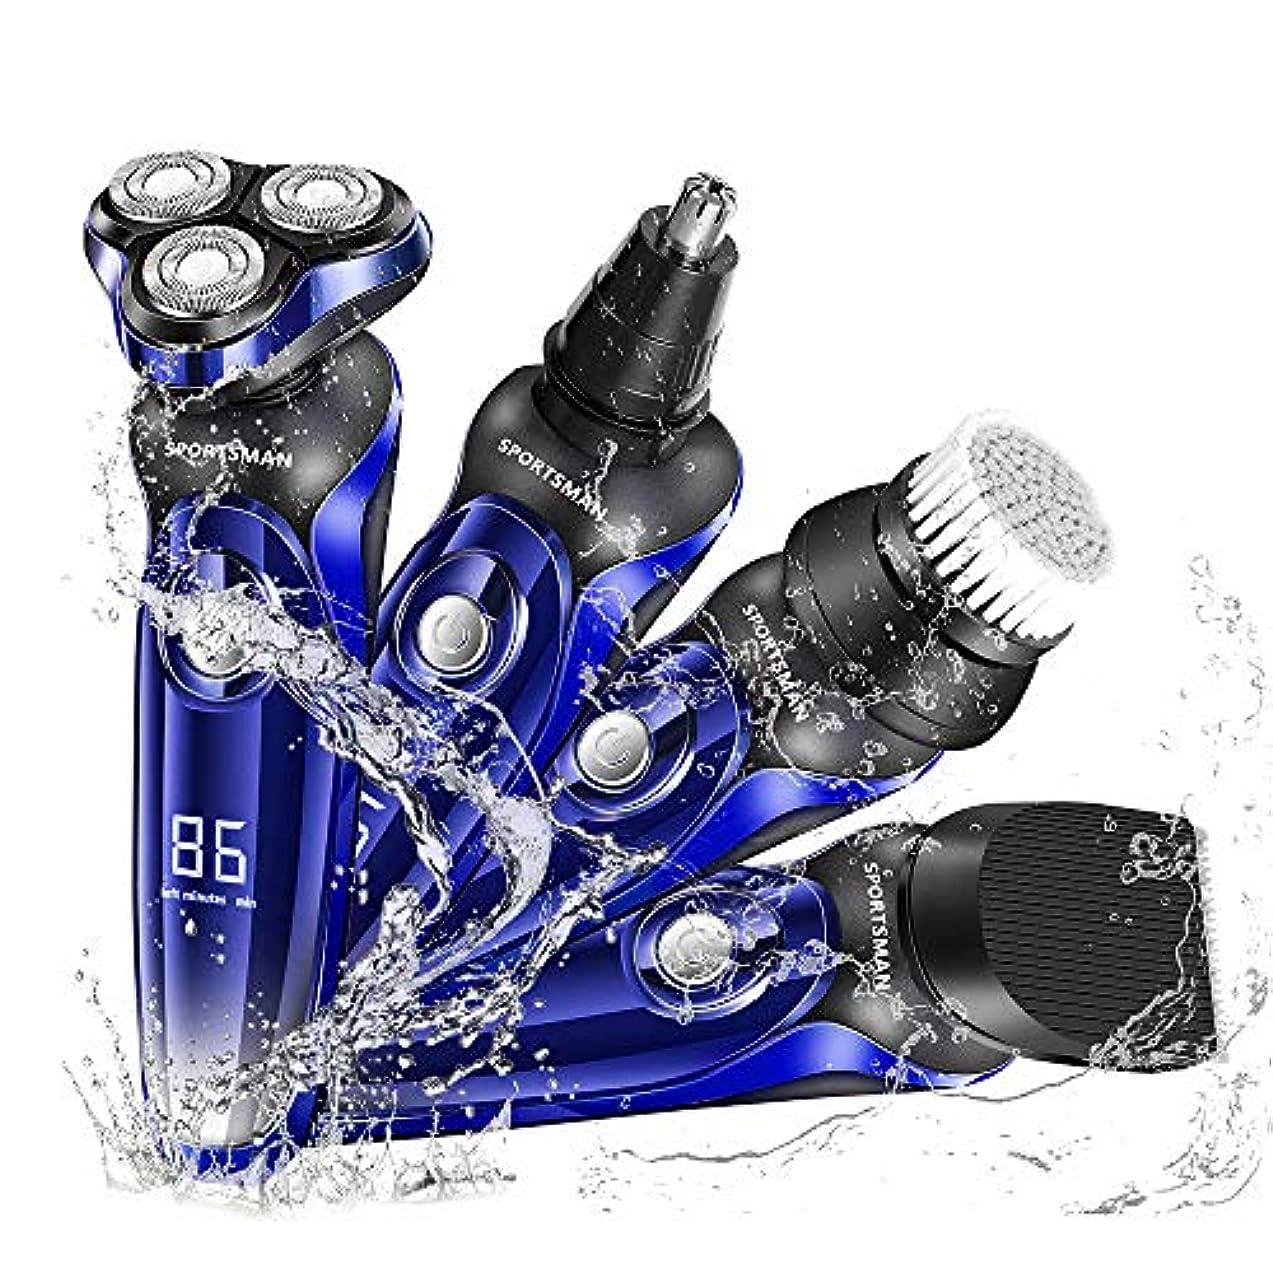 居住者進化退屈なシェーバー 電気シェーバー 電動シェーバー メンズ 髭剃り 電動バリカン 一台四役 鼻毛カッター 洗顔ブラシ付き 回転式ロータ リシェーバー USB充電式 LEDディスプレイ IPX7防水 丸洗い可